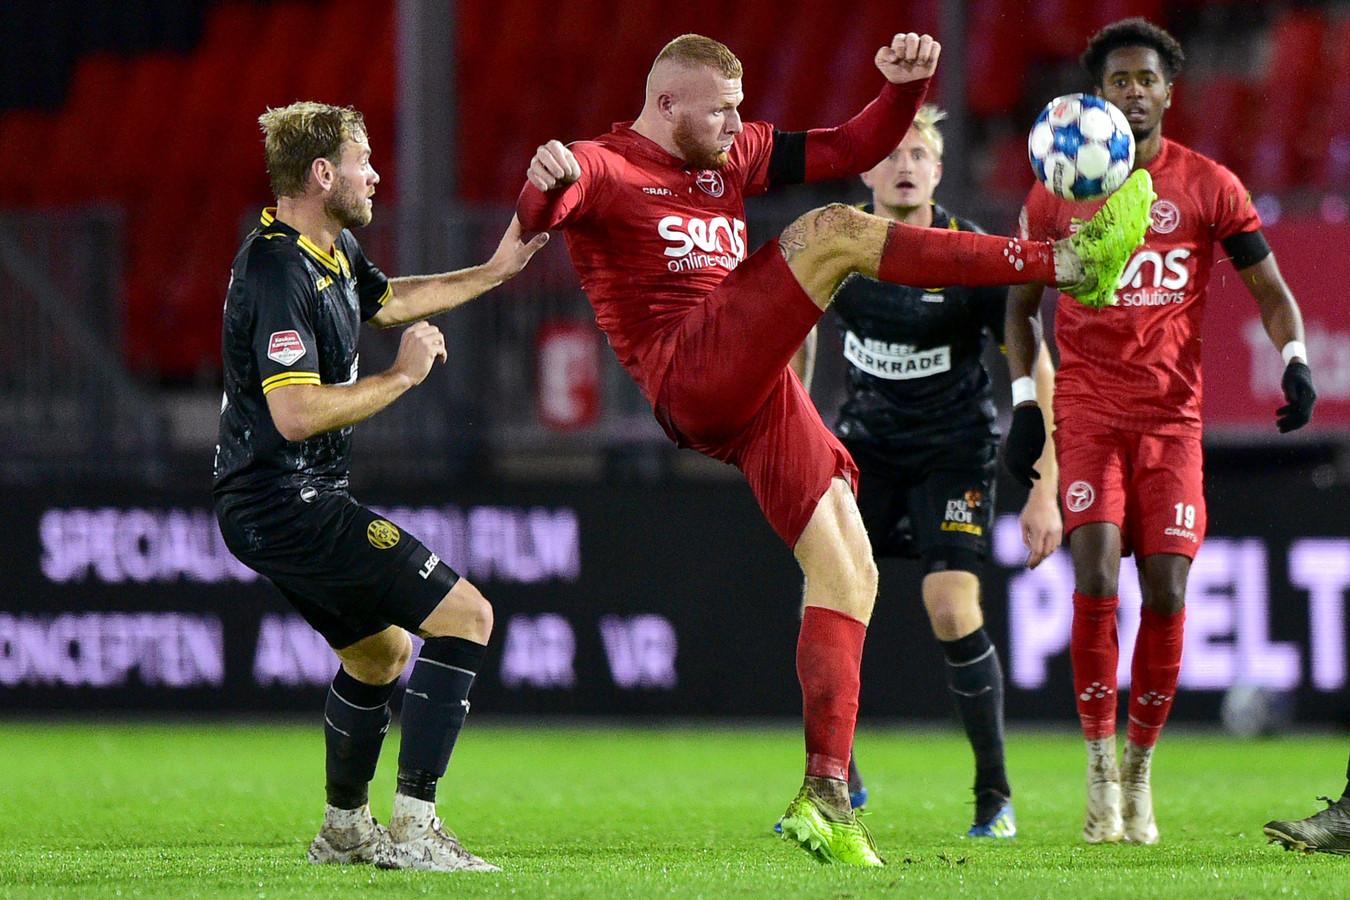 Niek Vossebelt van Roda JC in duel met Thomas Verheijdt van Almere City.